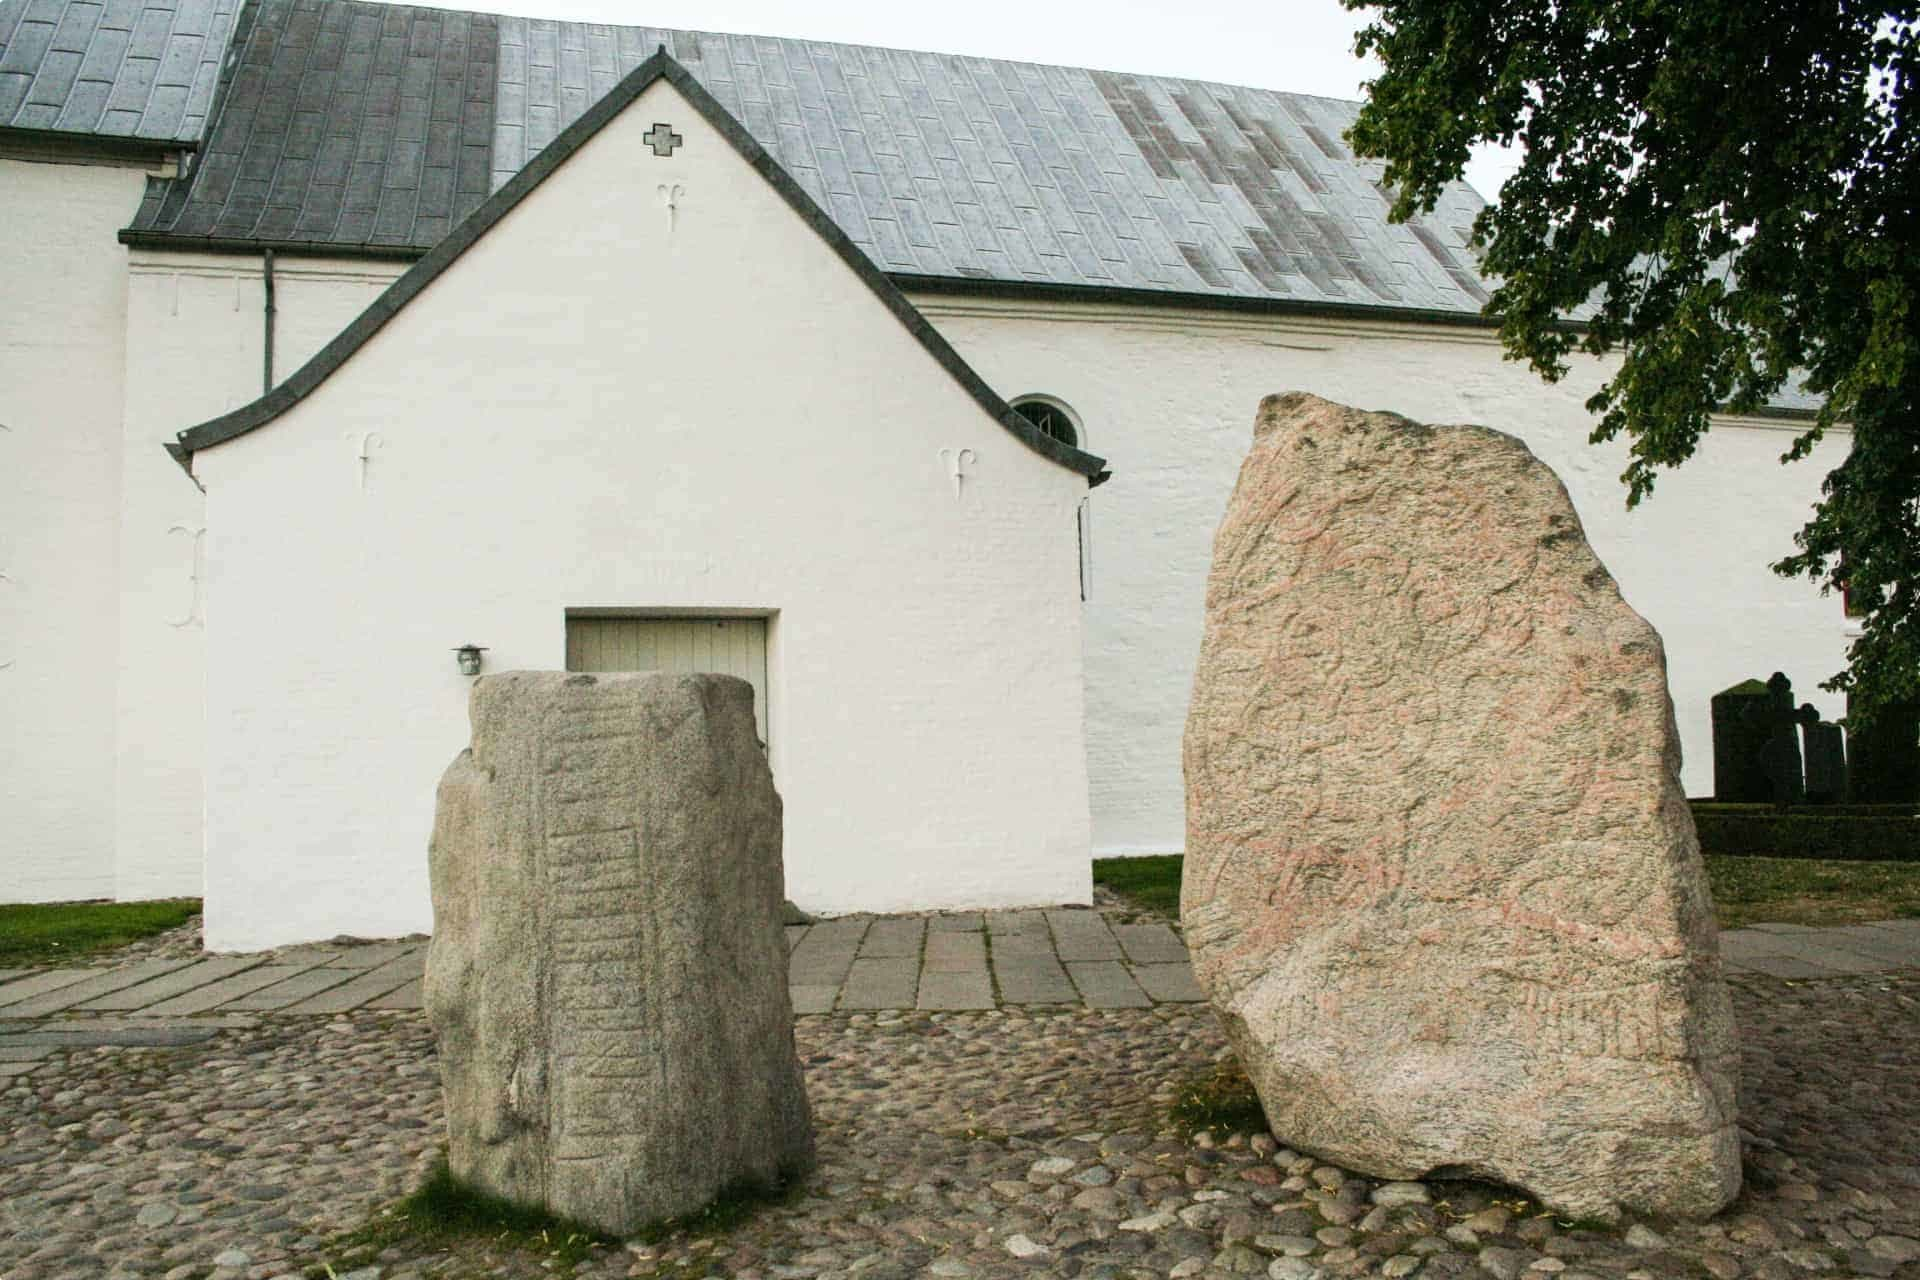 Jelling Stones Scandinavian spirit